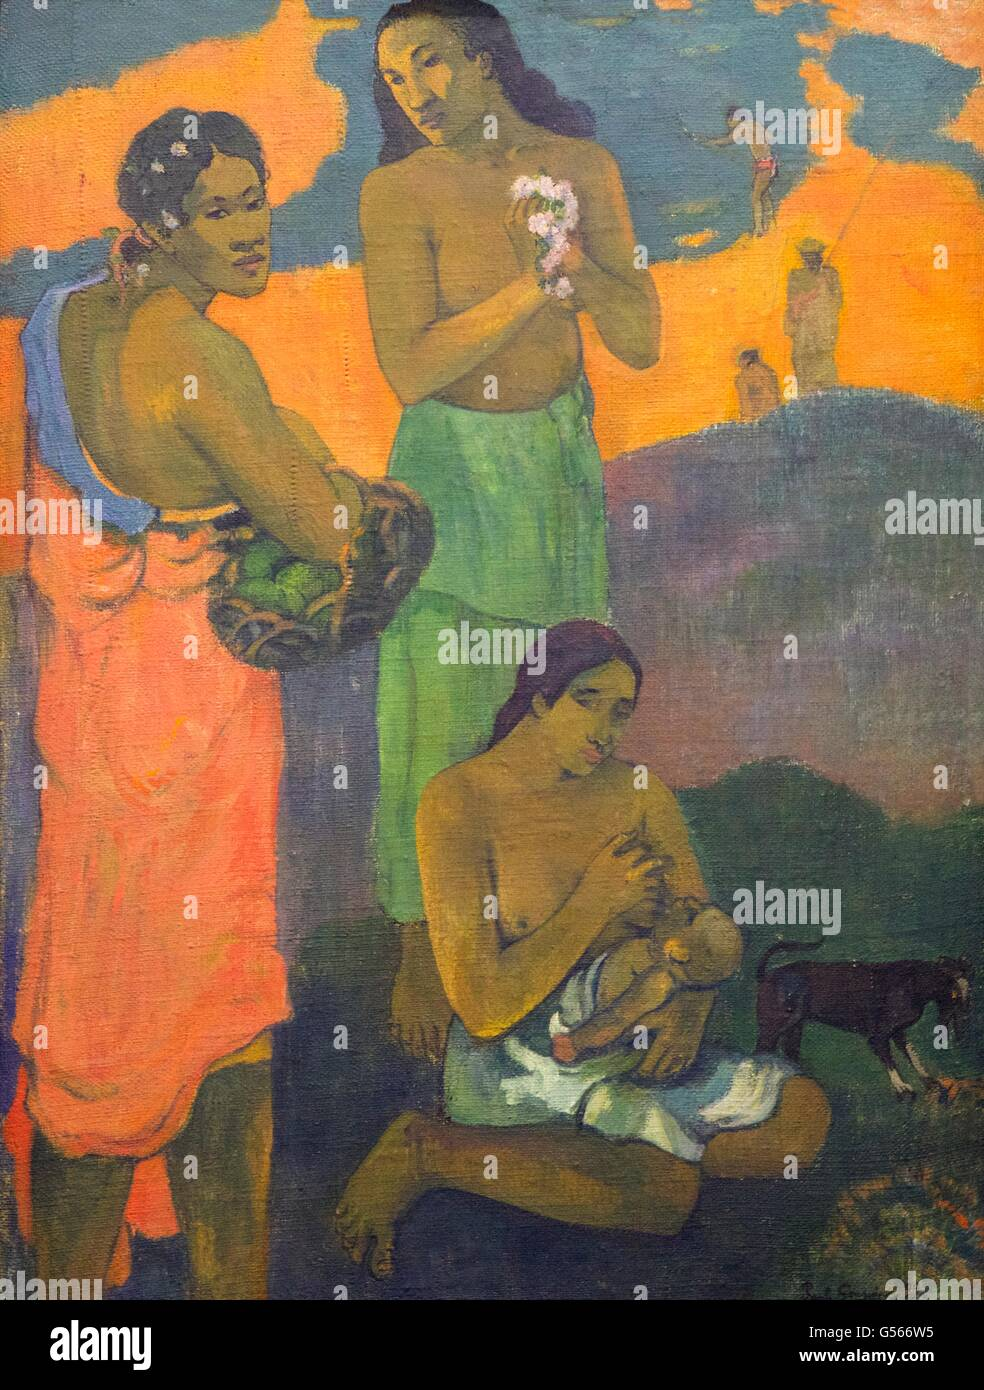 La maternité, ou trois femmes sur le bord de la mer, de Paul Gauguin, 1899, Musée de l'Ermitage, Saint Photo Stock